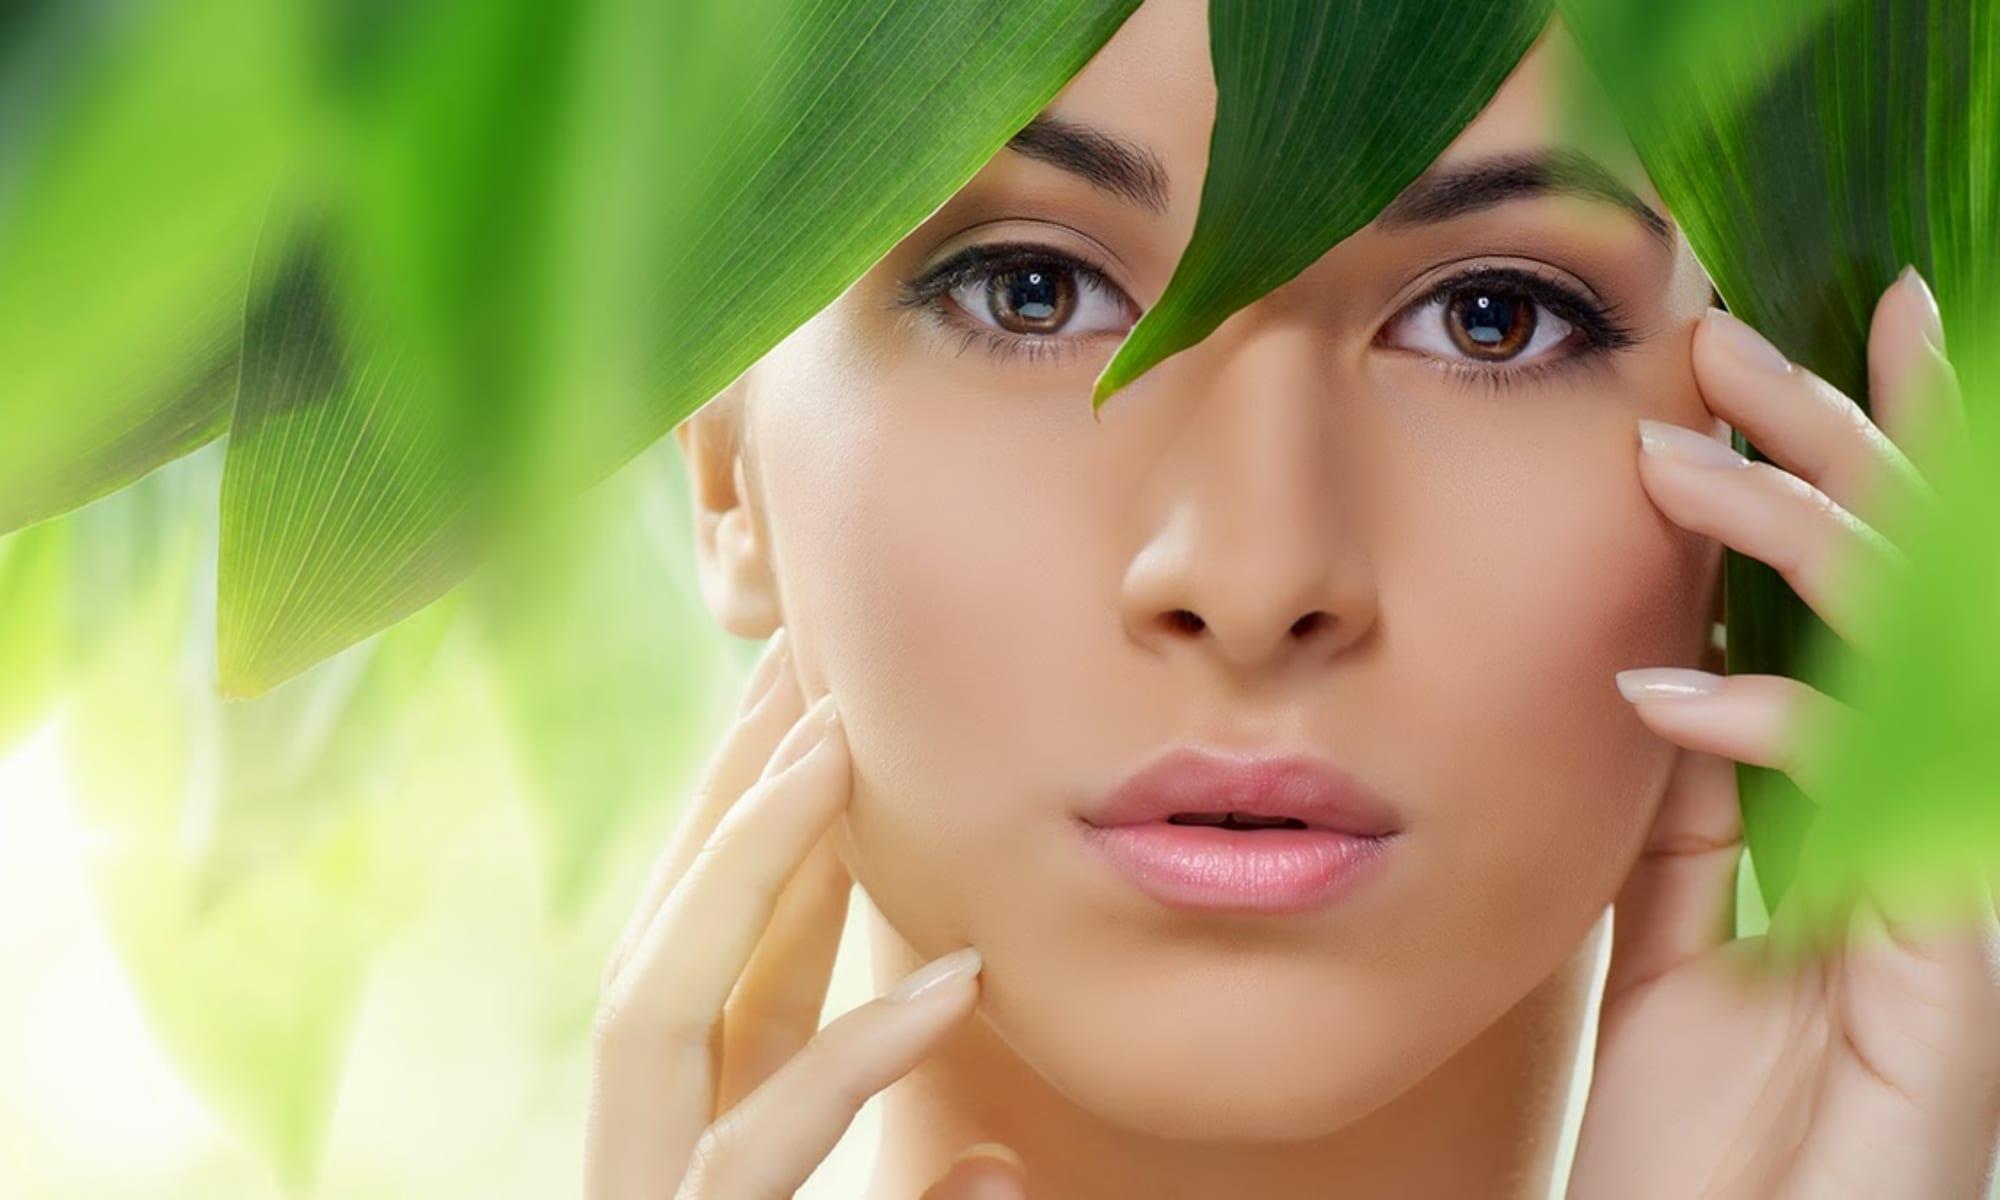 Scaidep.com: Tạp Chí Phụ Nữ Làm Đẹp